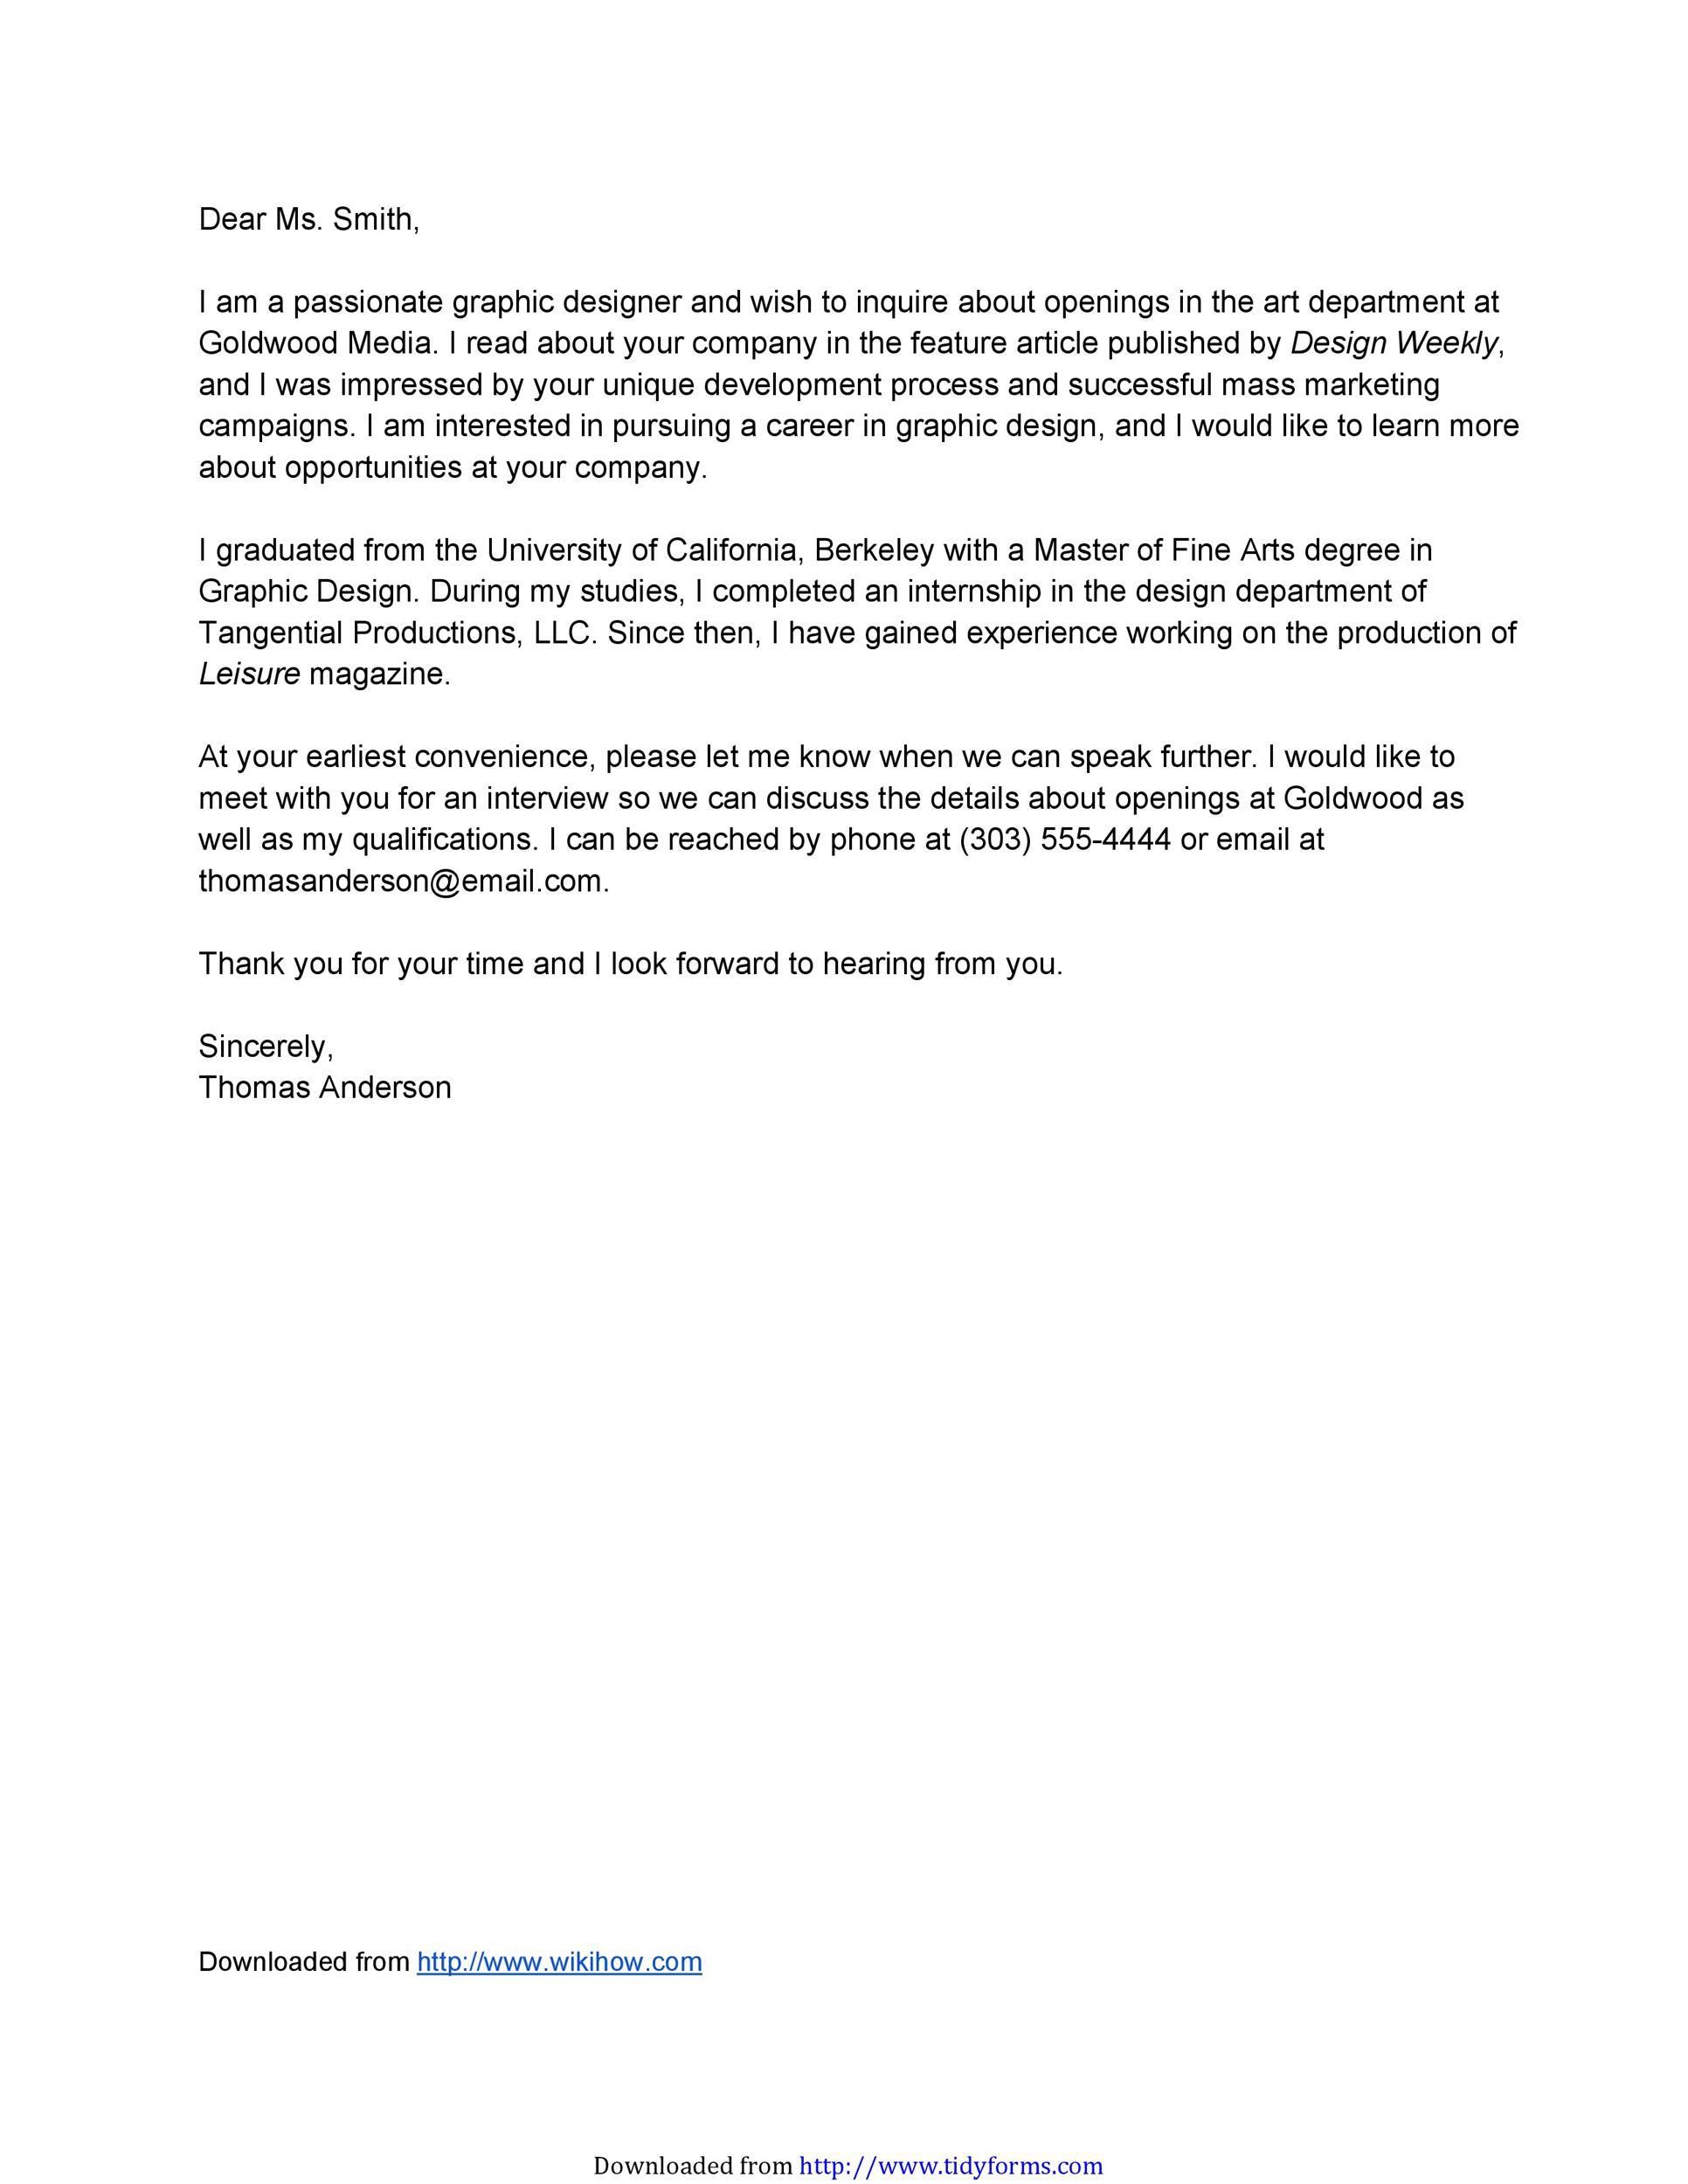 008 Sensational Teacher Cover Letter Template High Def  Teaching JobFull